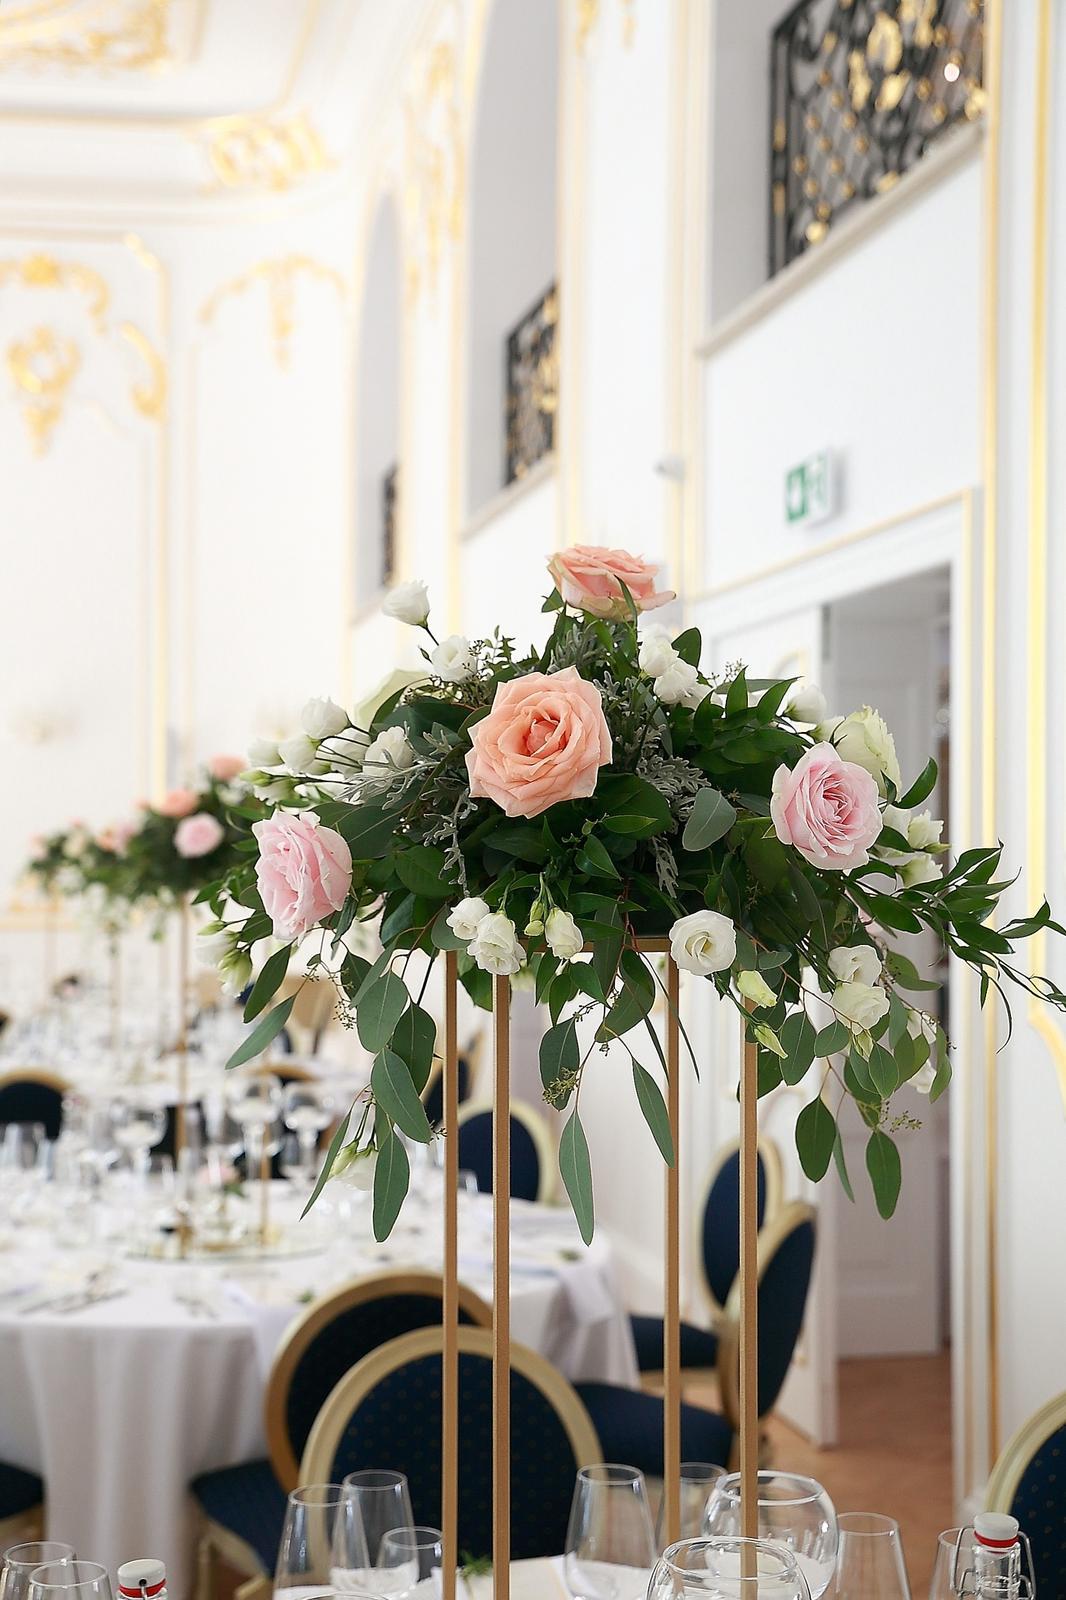 Svadobné dekorácie - požičovňa svadobných dekor. - Obrázok č. 15